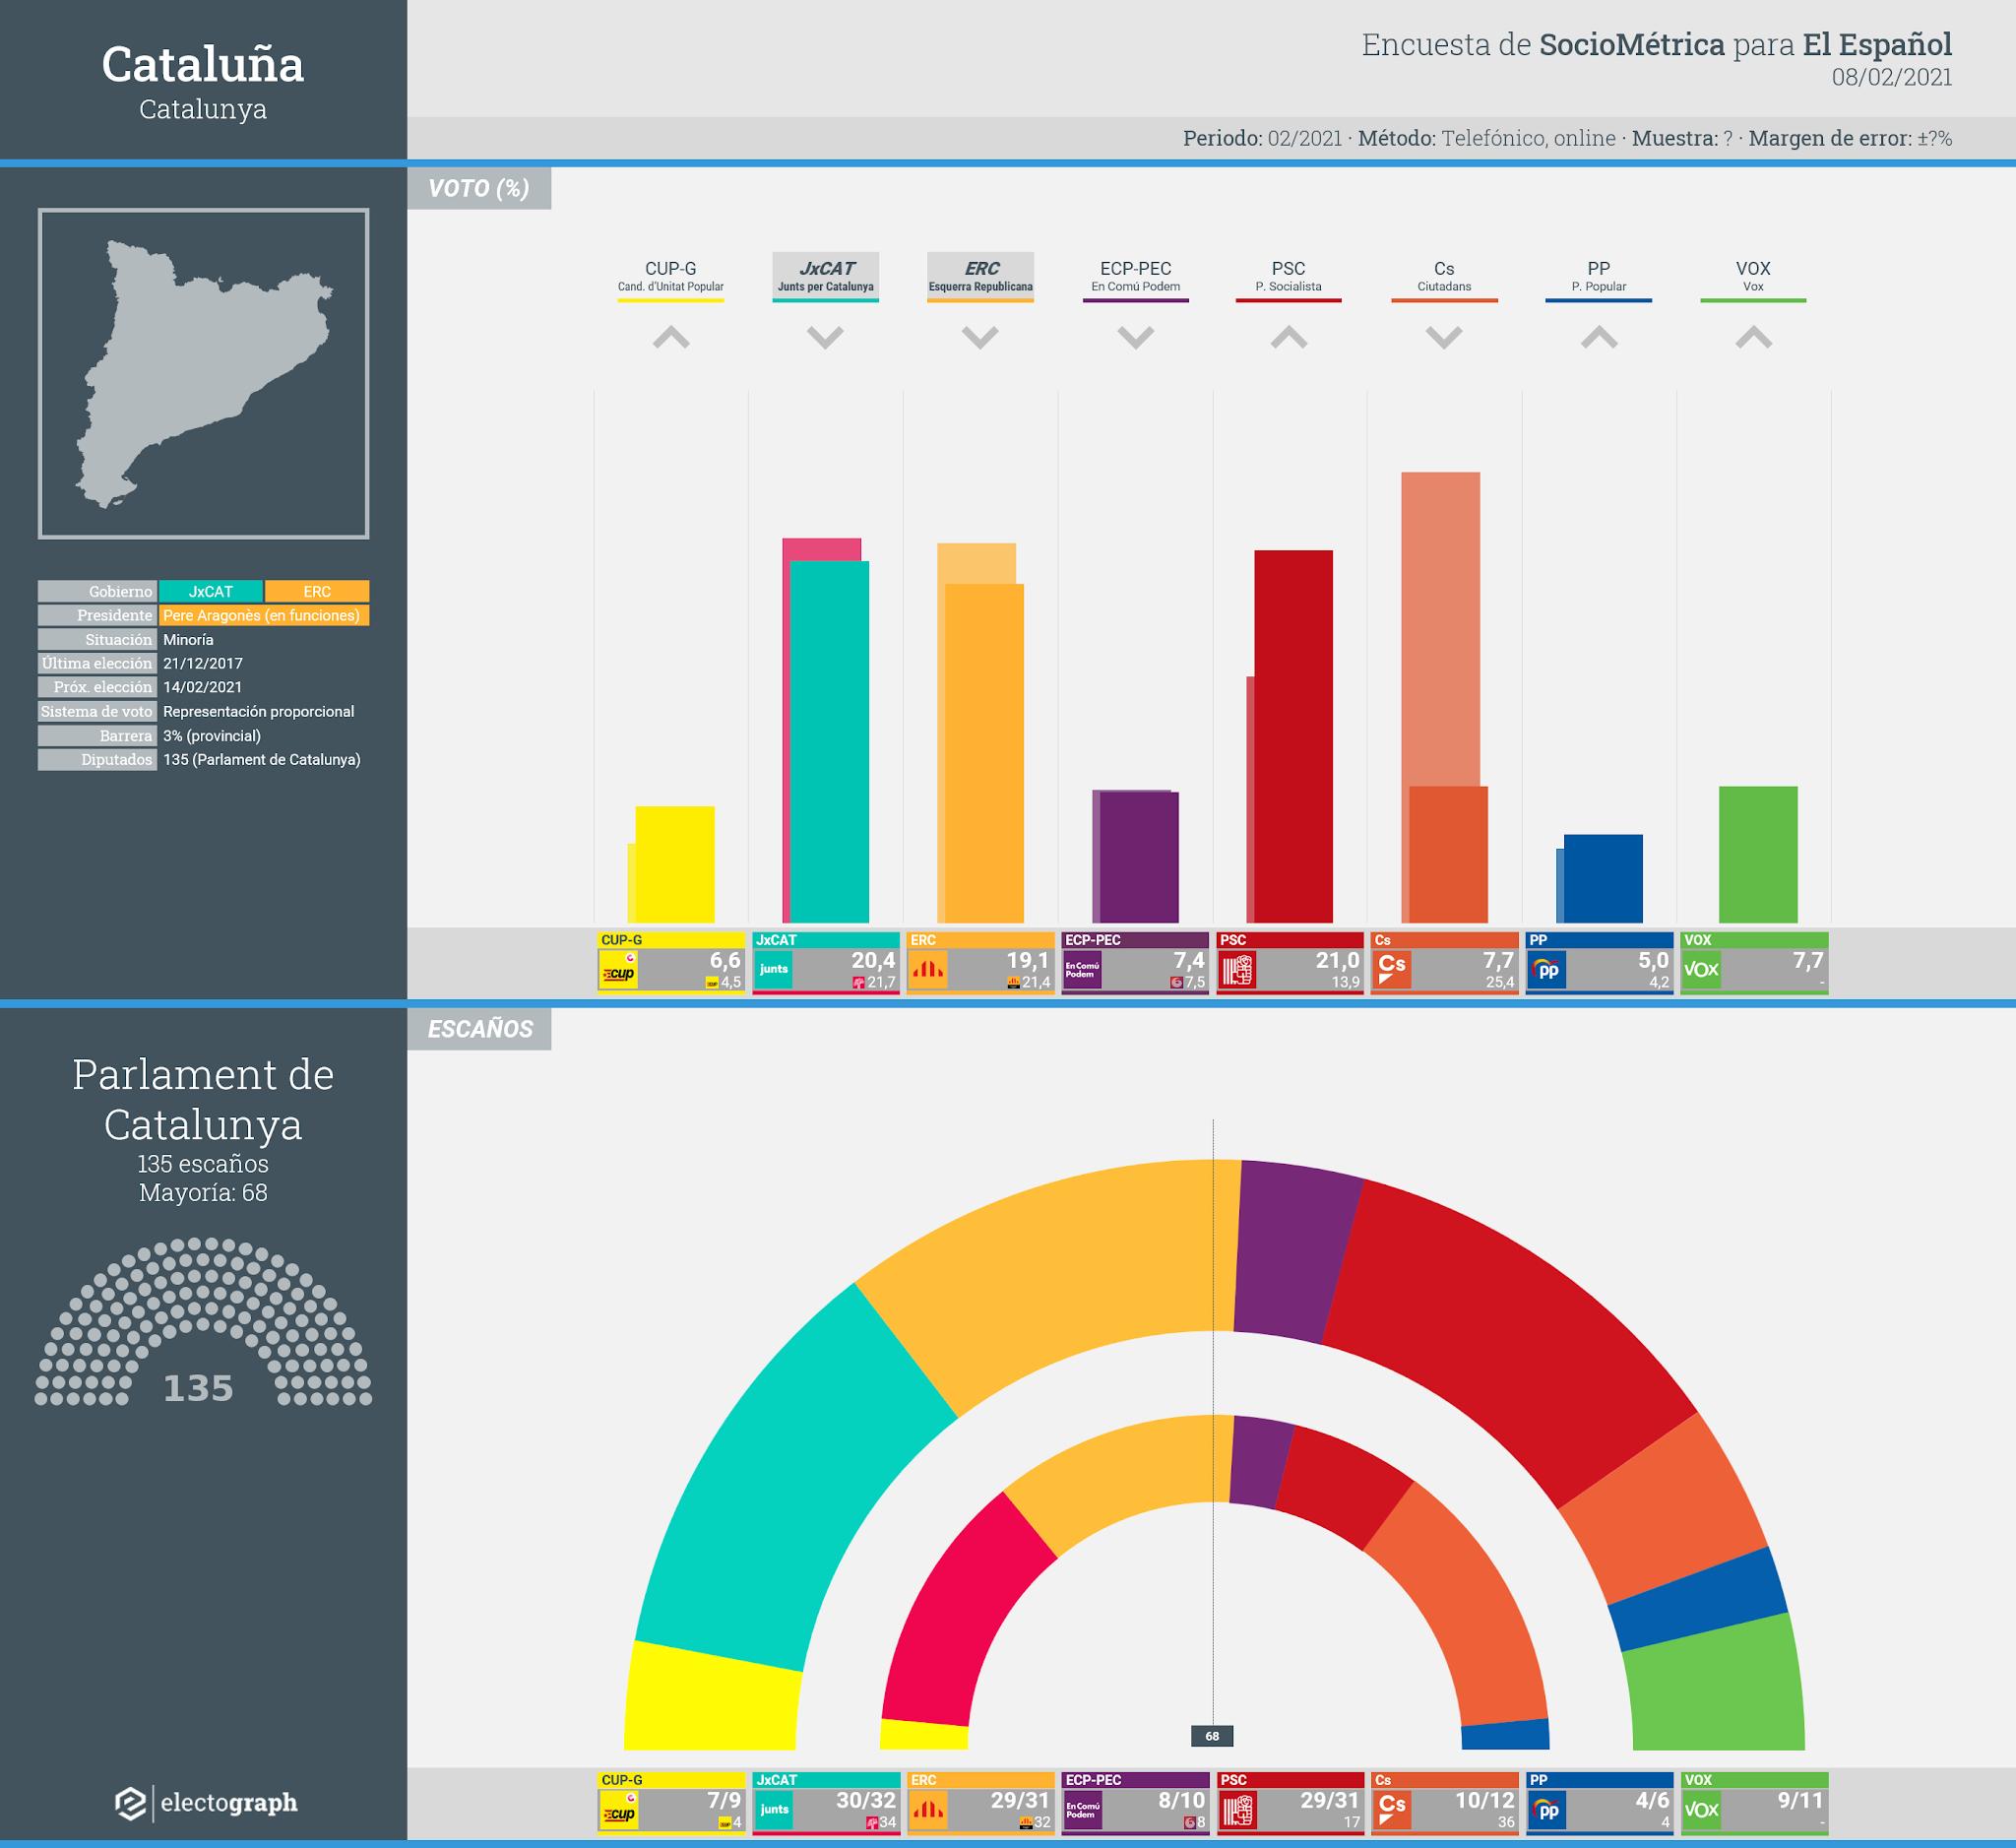 Gráfico de la encuesta para elecciones generales en Cataluña realizada por SocioMétrica para El Español, 8 de febrero de 2021